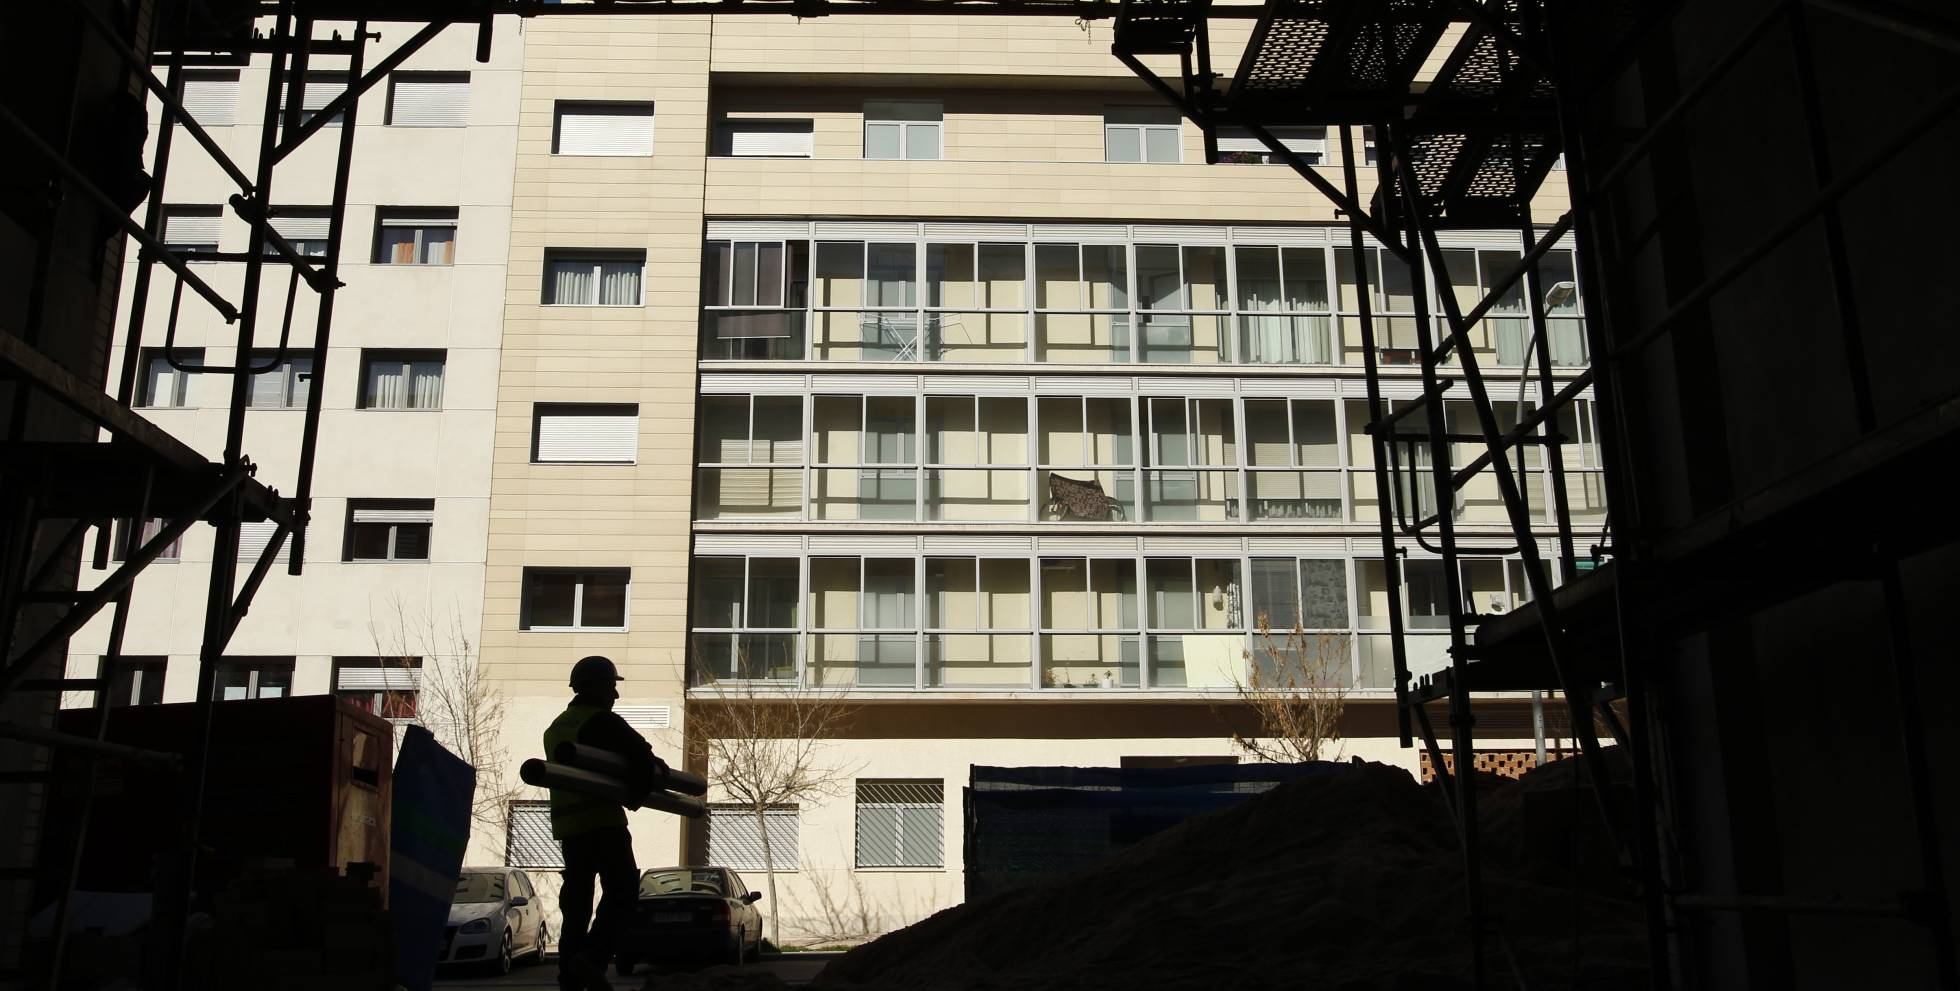 El precio de la vivienda subió un 5,7% en 2016